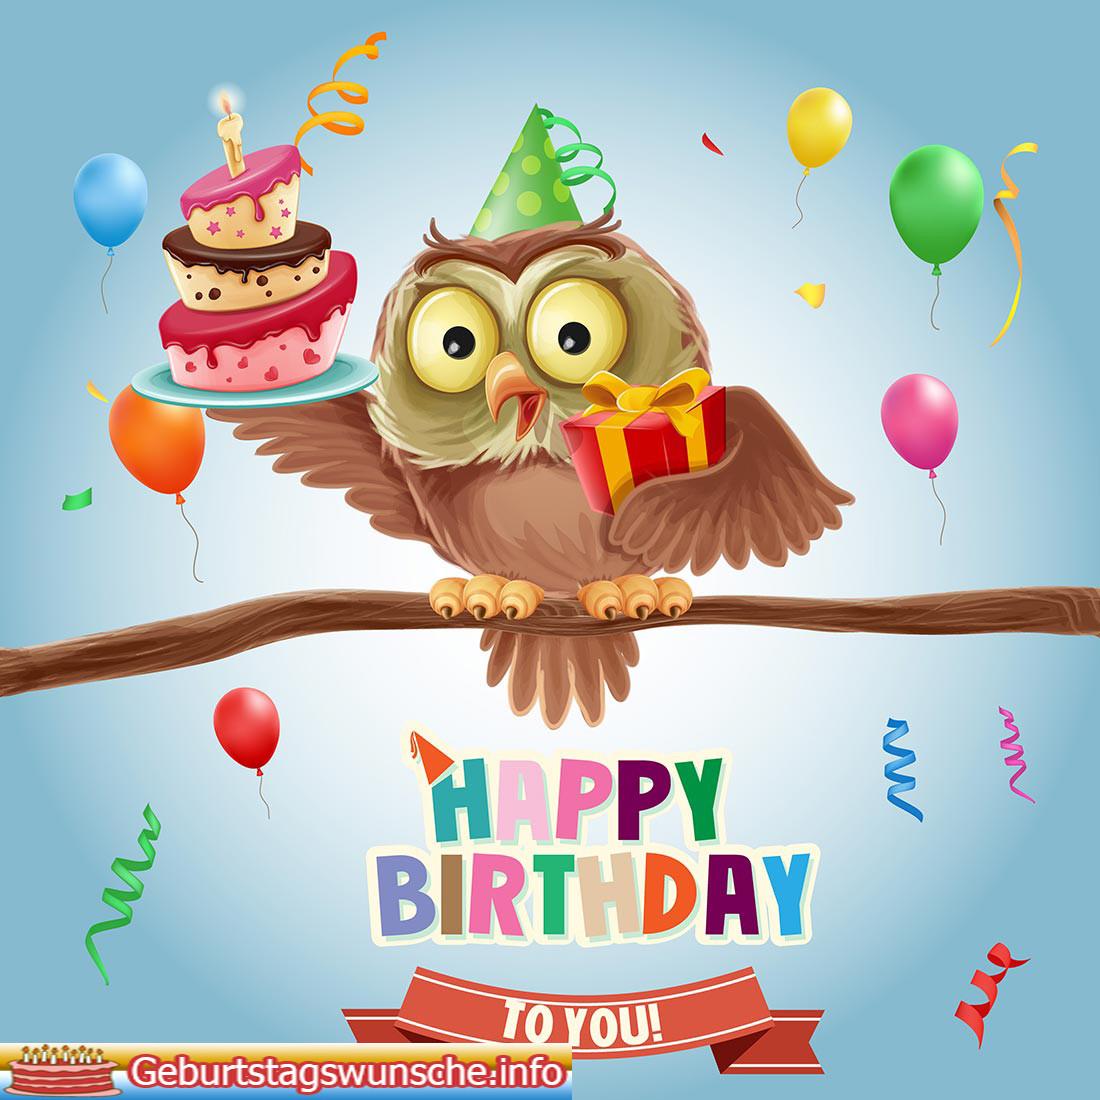 Geburtstagswünsche Kind 2  Geburtstagswünsche für Kinder Wünsche zum Geburtstag